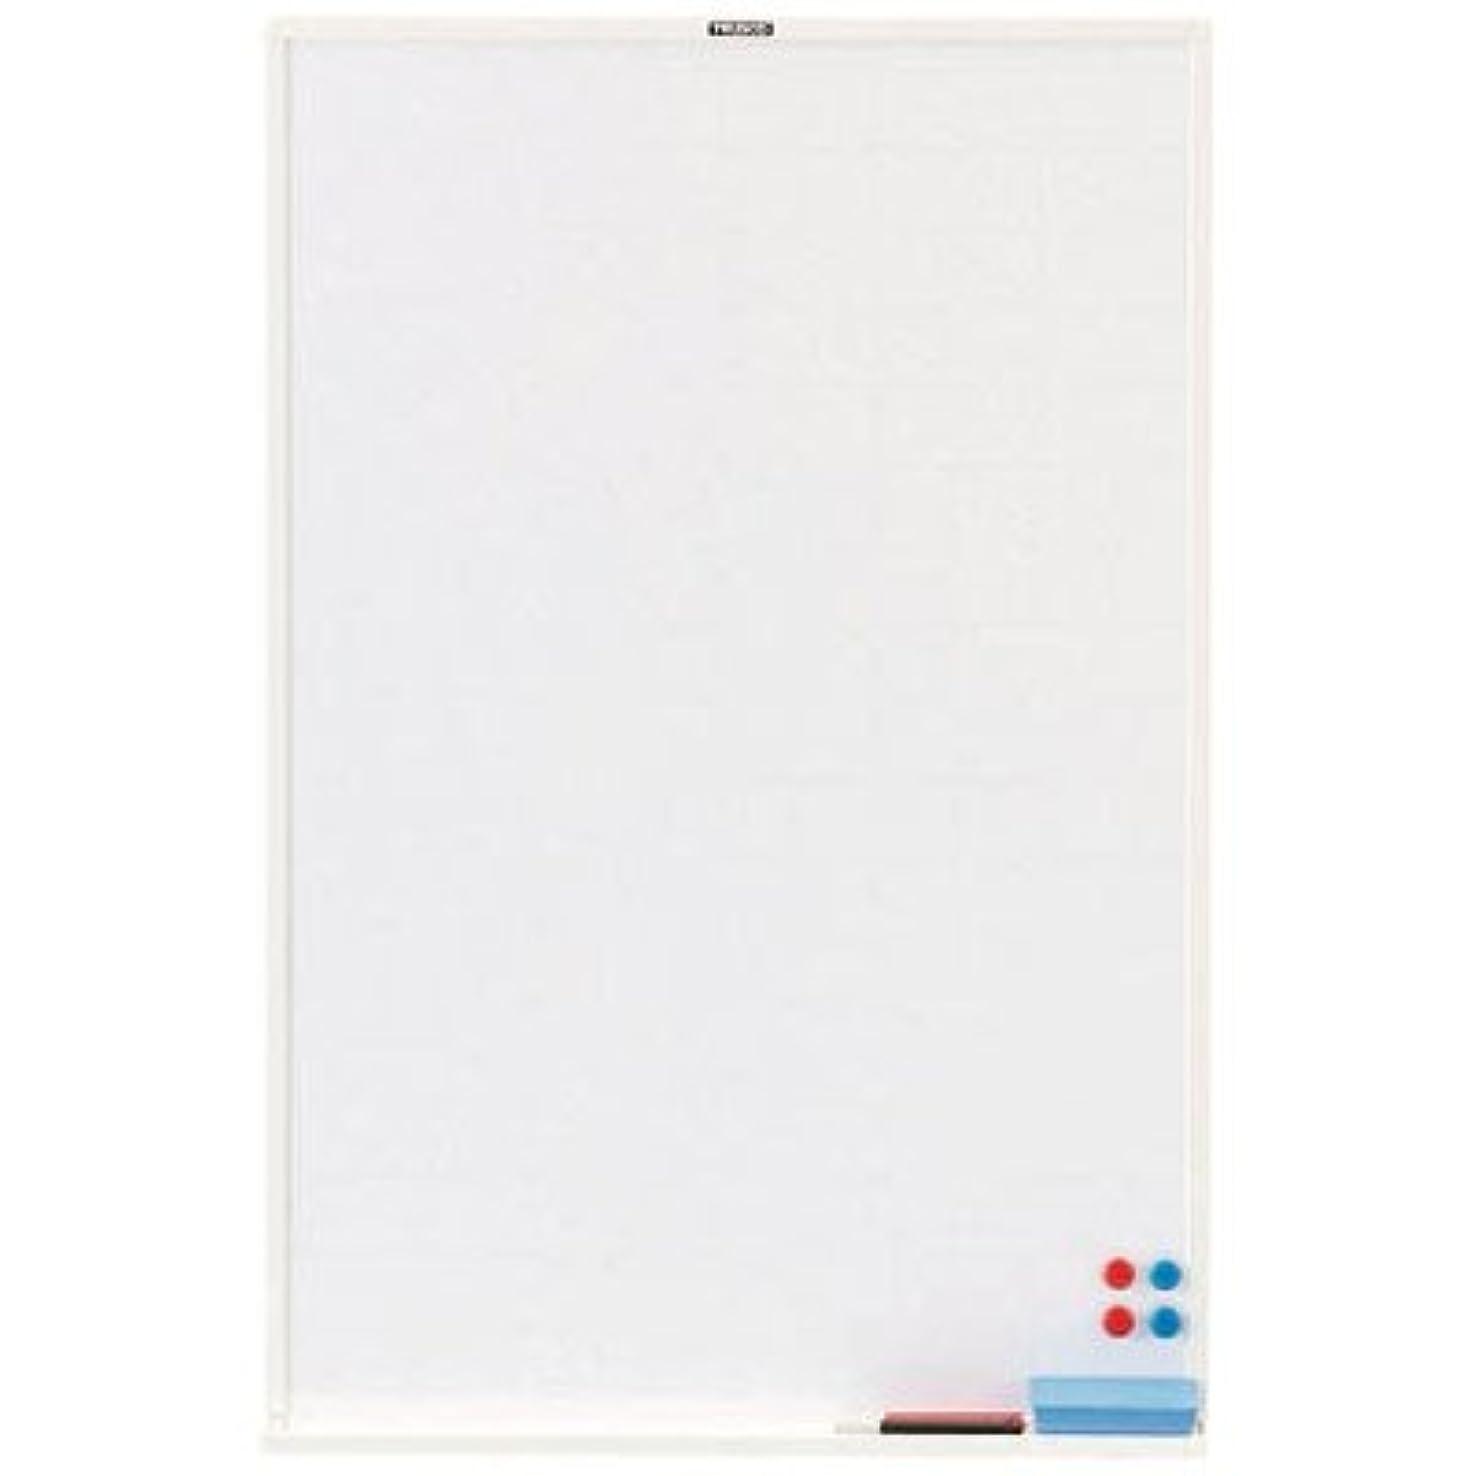 水素スタイル未就学トラスコ スチール製ホワイトボード 白暗線 ブロンズ 900×600 ※取寄せ品 WGH-32SA-BL